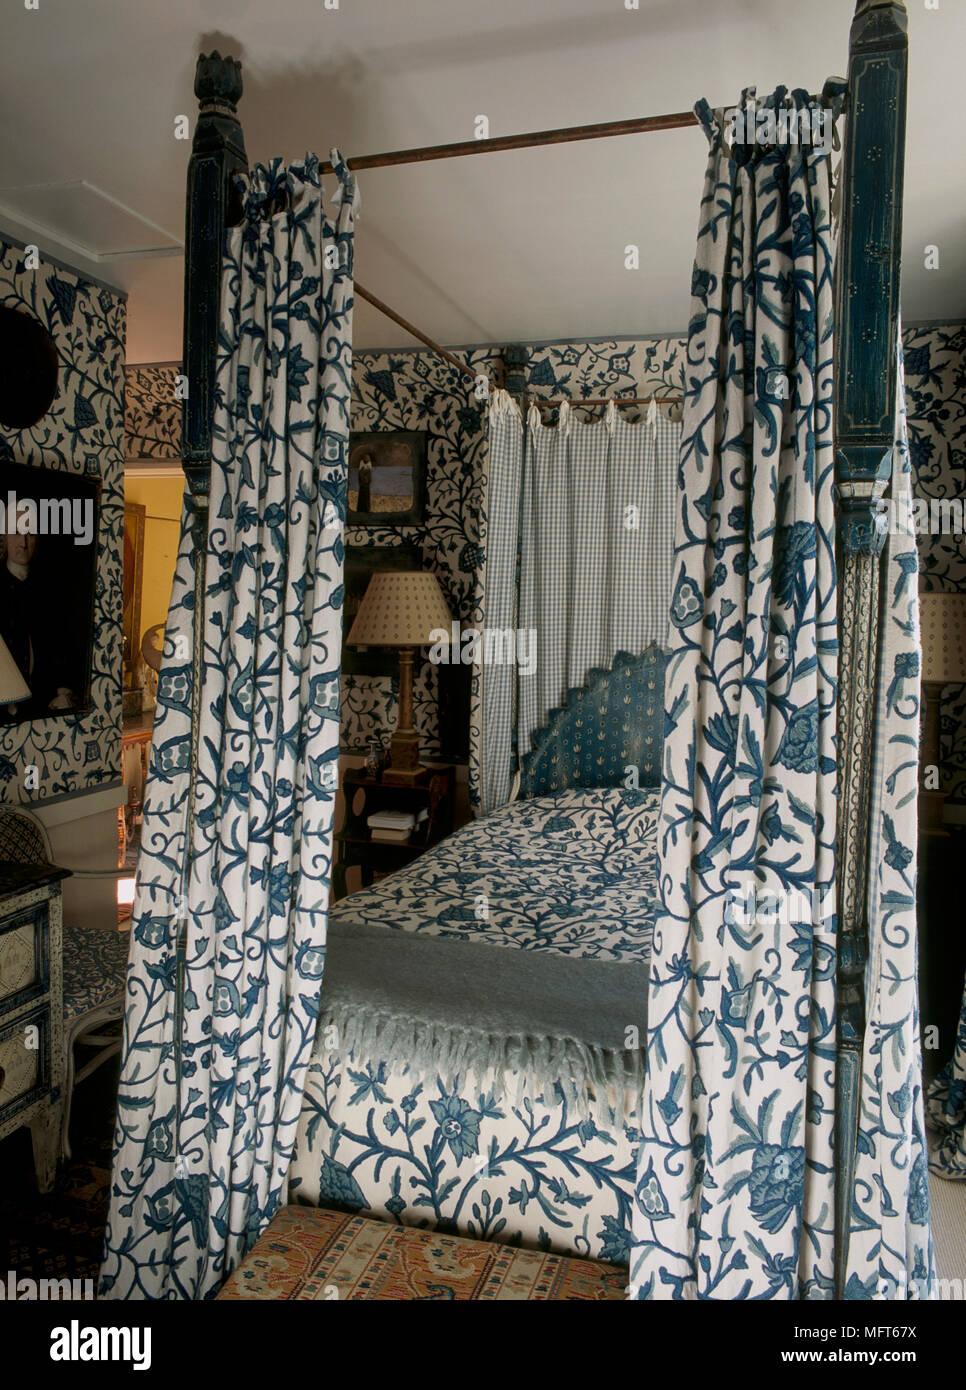 https www alamyimages fr chambre bleue avec papier peint motif et coordonnee sur le couvre lit a baldaquin avec des rideaux image181855294 html